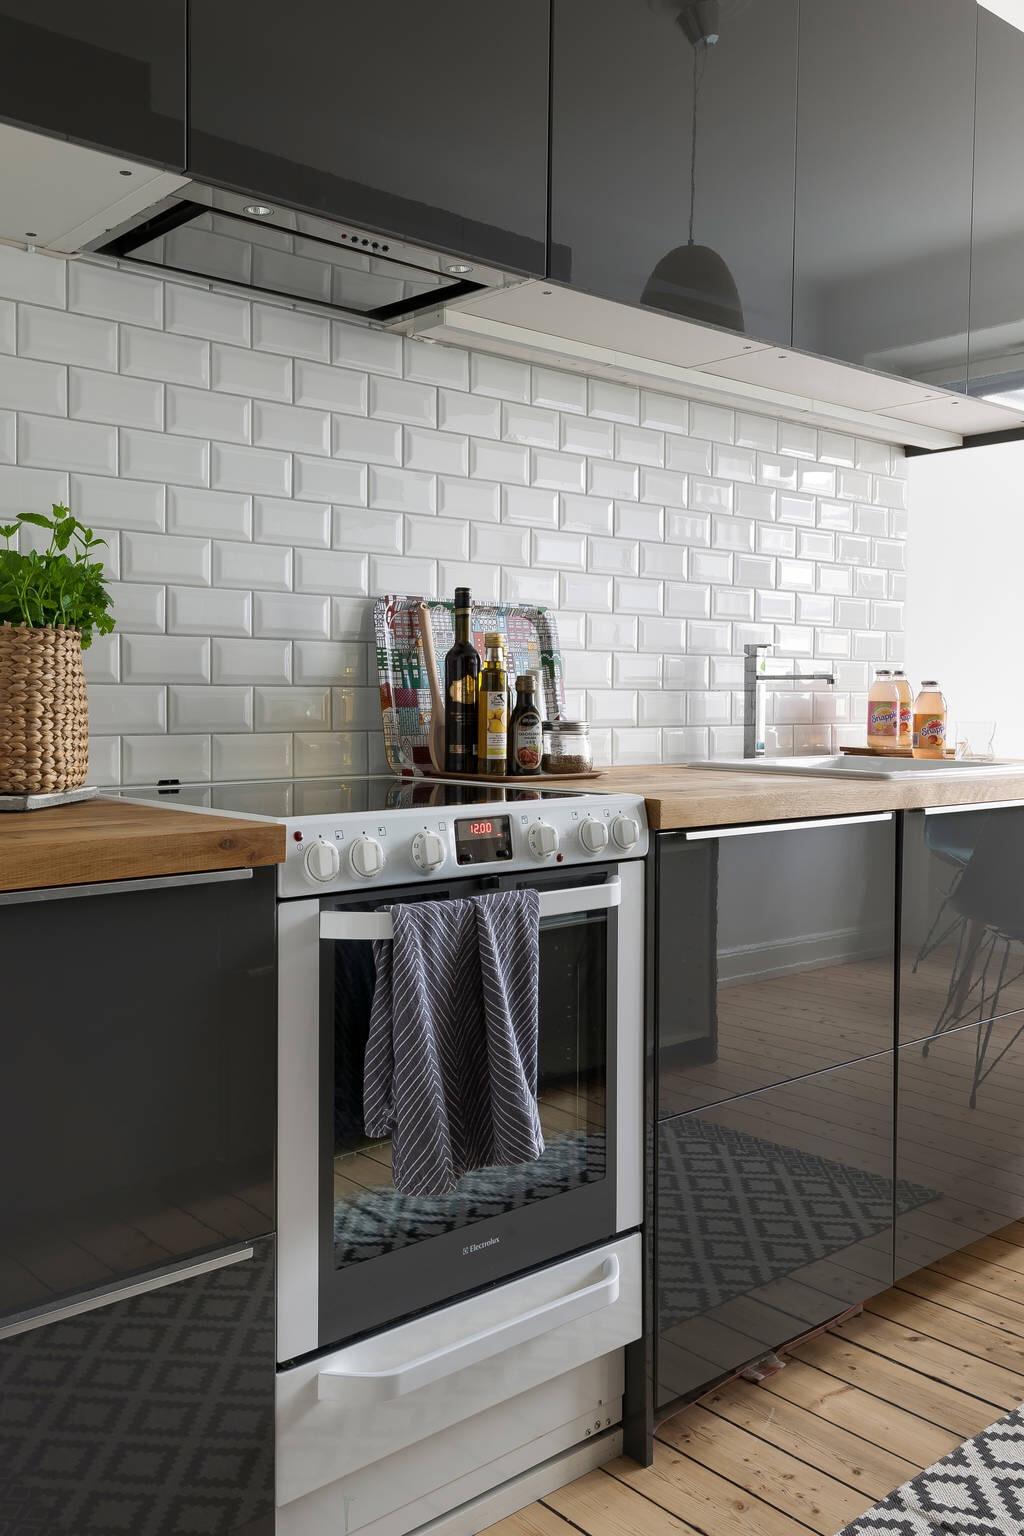 черная кухня деревянная столешница плитка кабанчик плита встроенная вытяжка